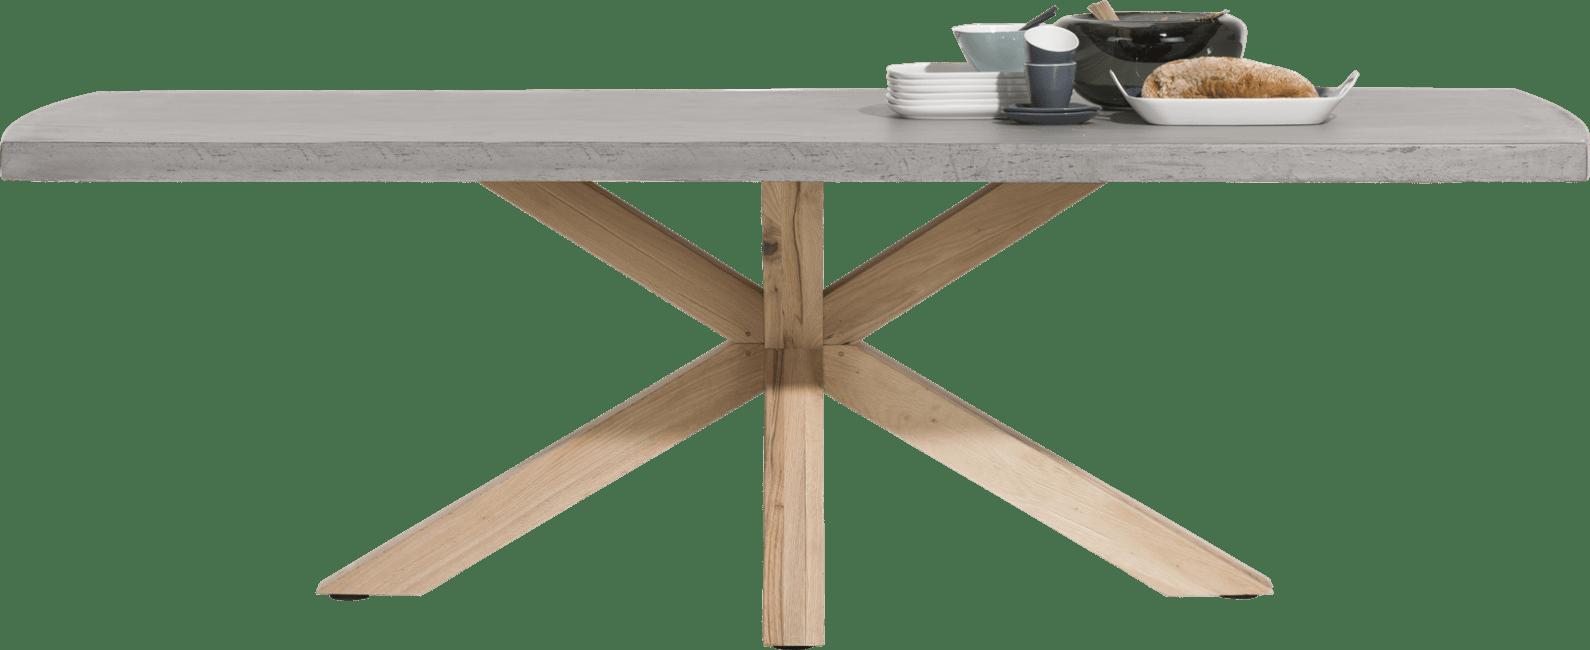 Maestro tisch 240 x 103 cm beton platte